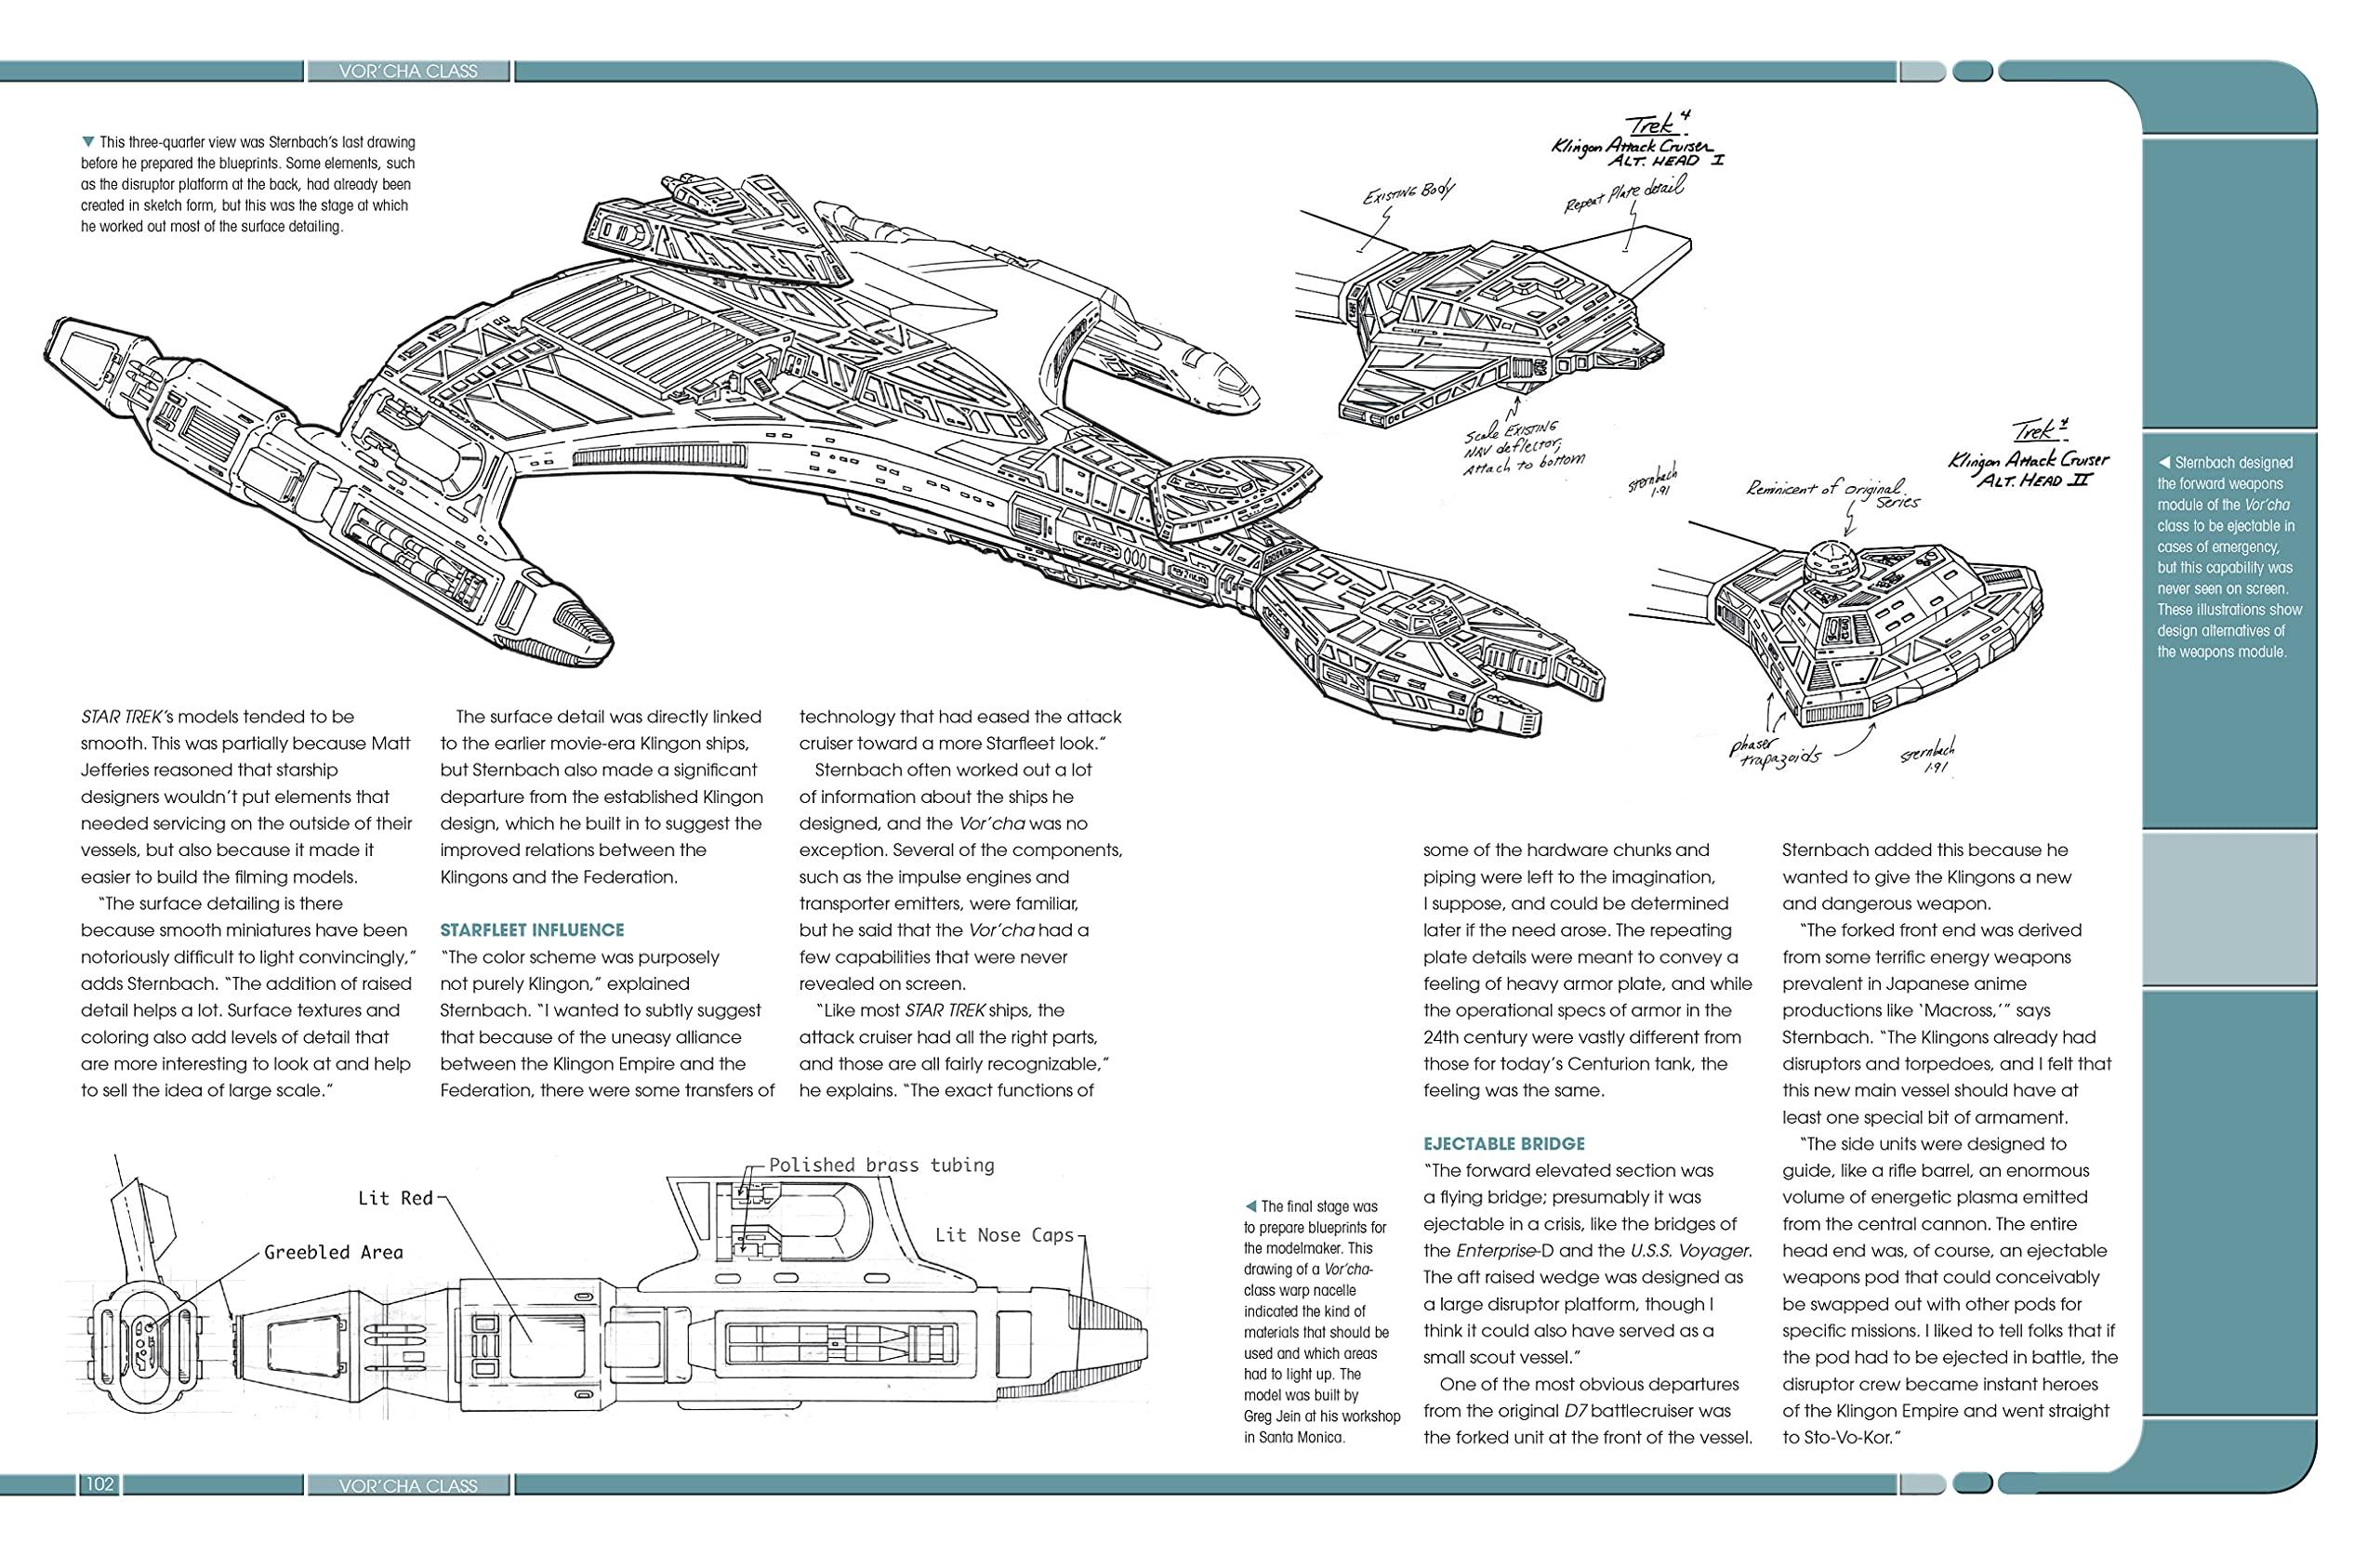 Designing Starships c